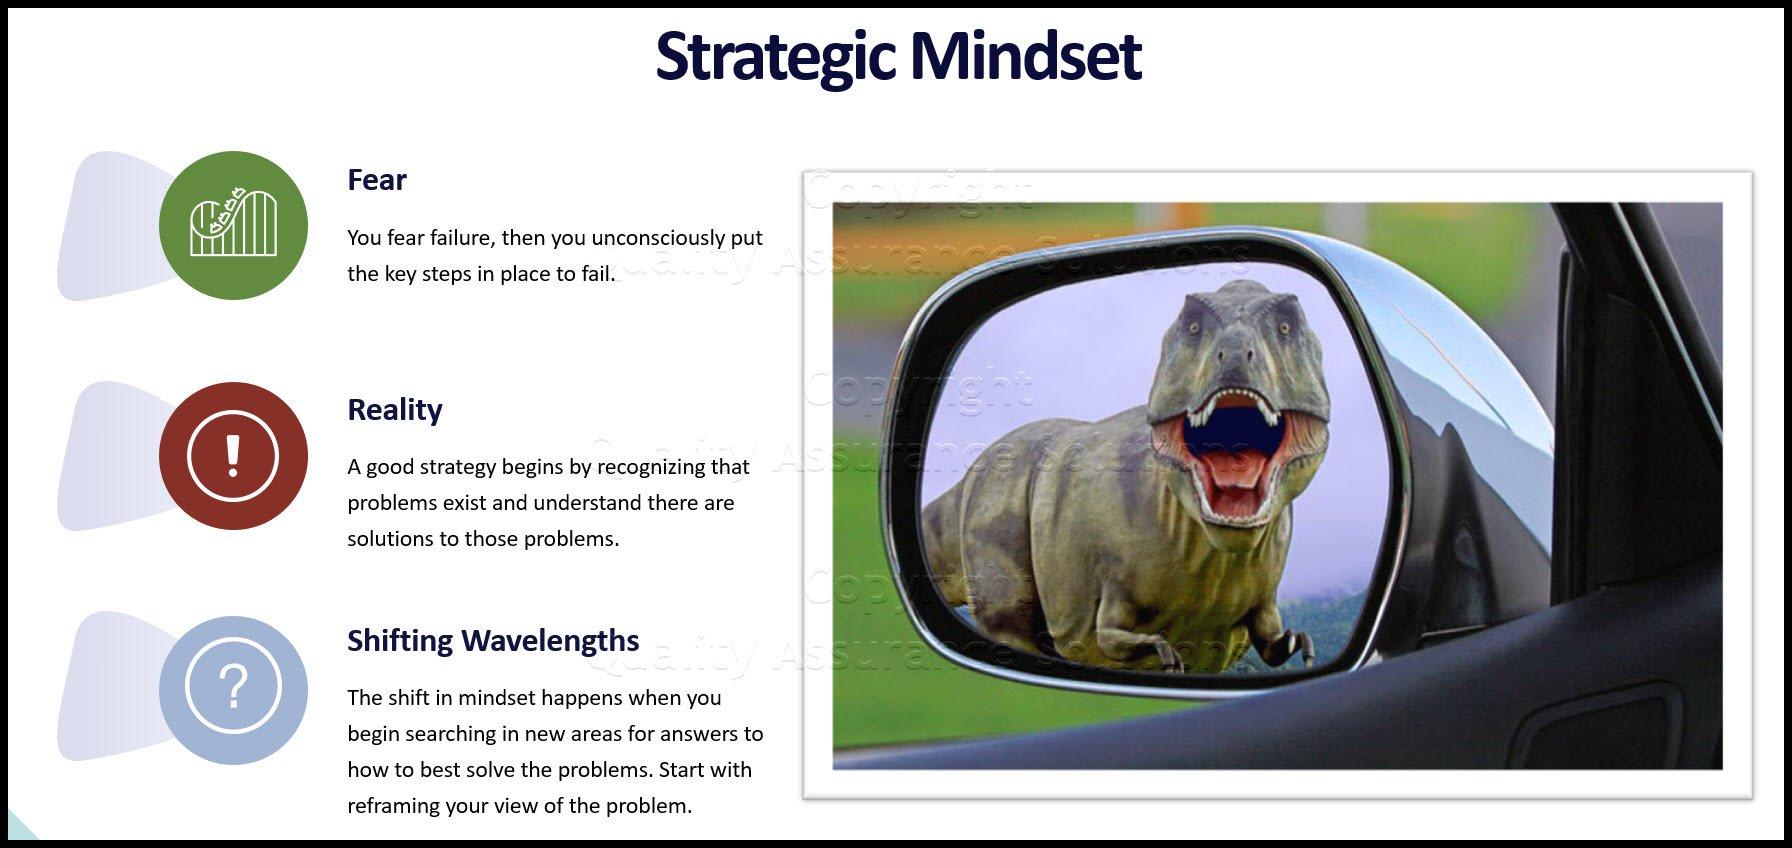 Strategic Mindset business slide